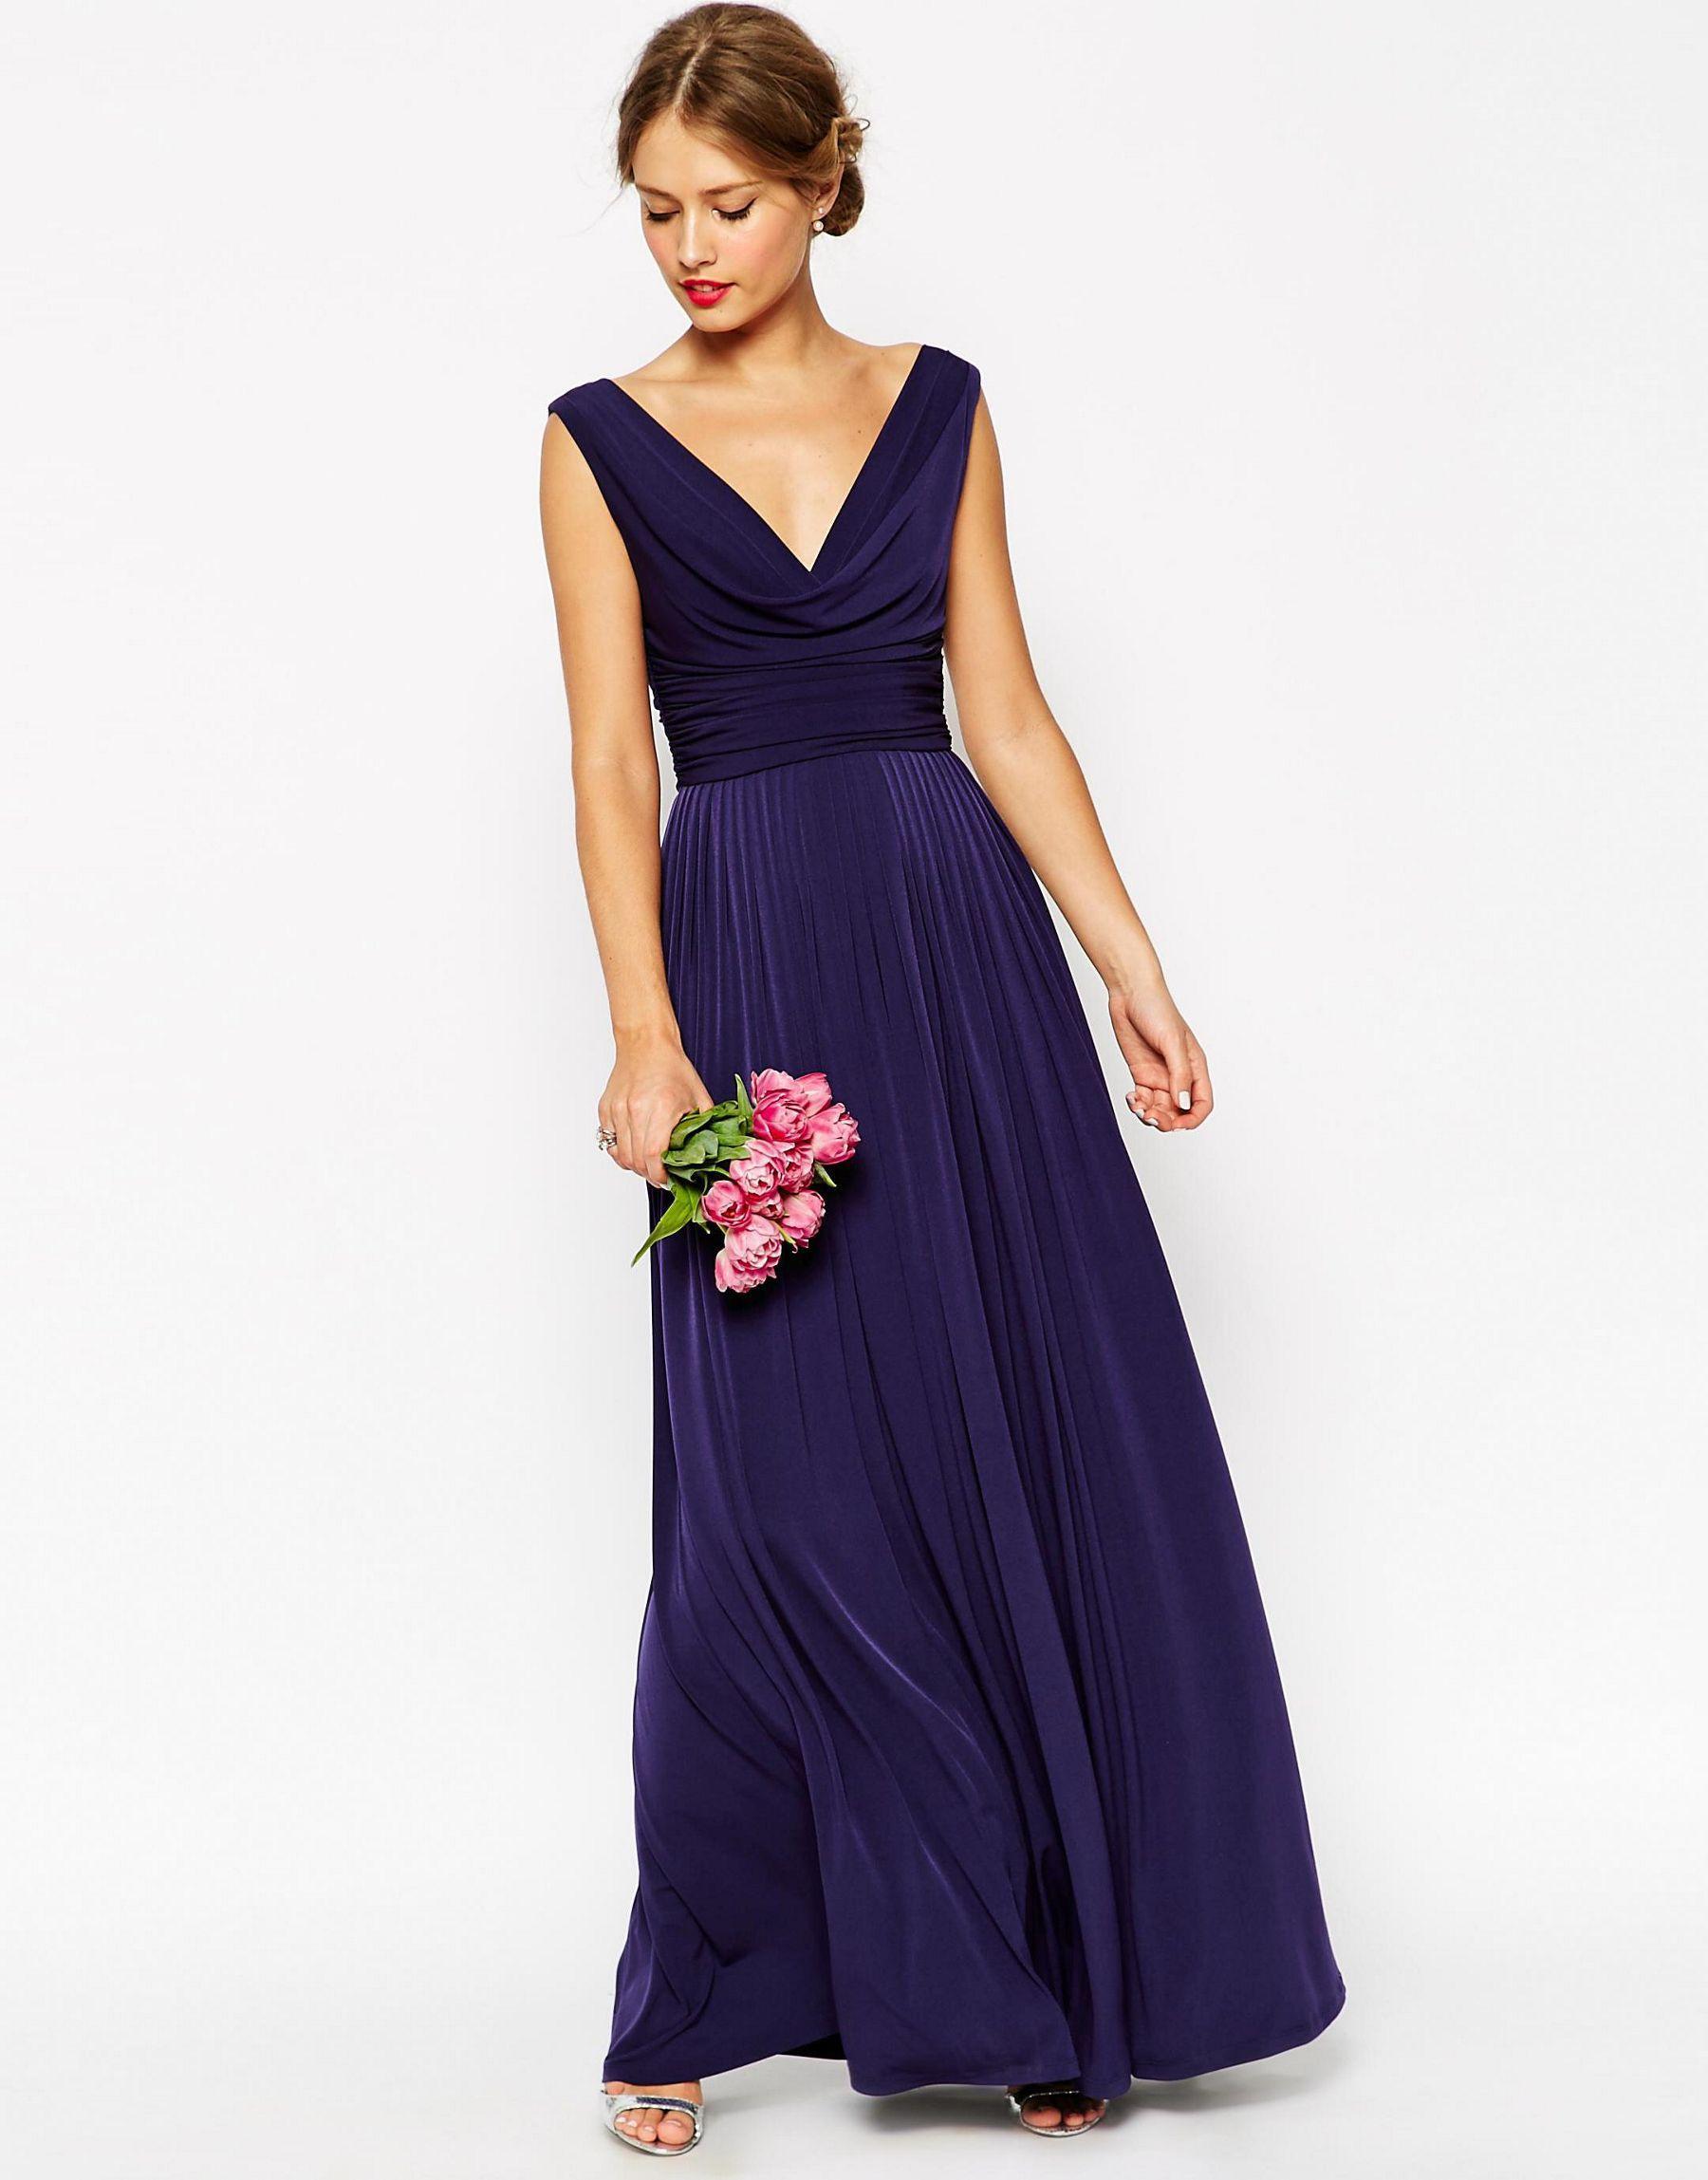 2c8856cd99a Asos Navy Lace Wedding Dress